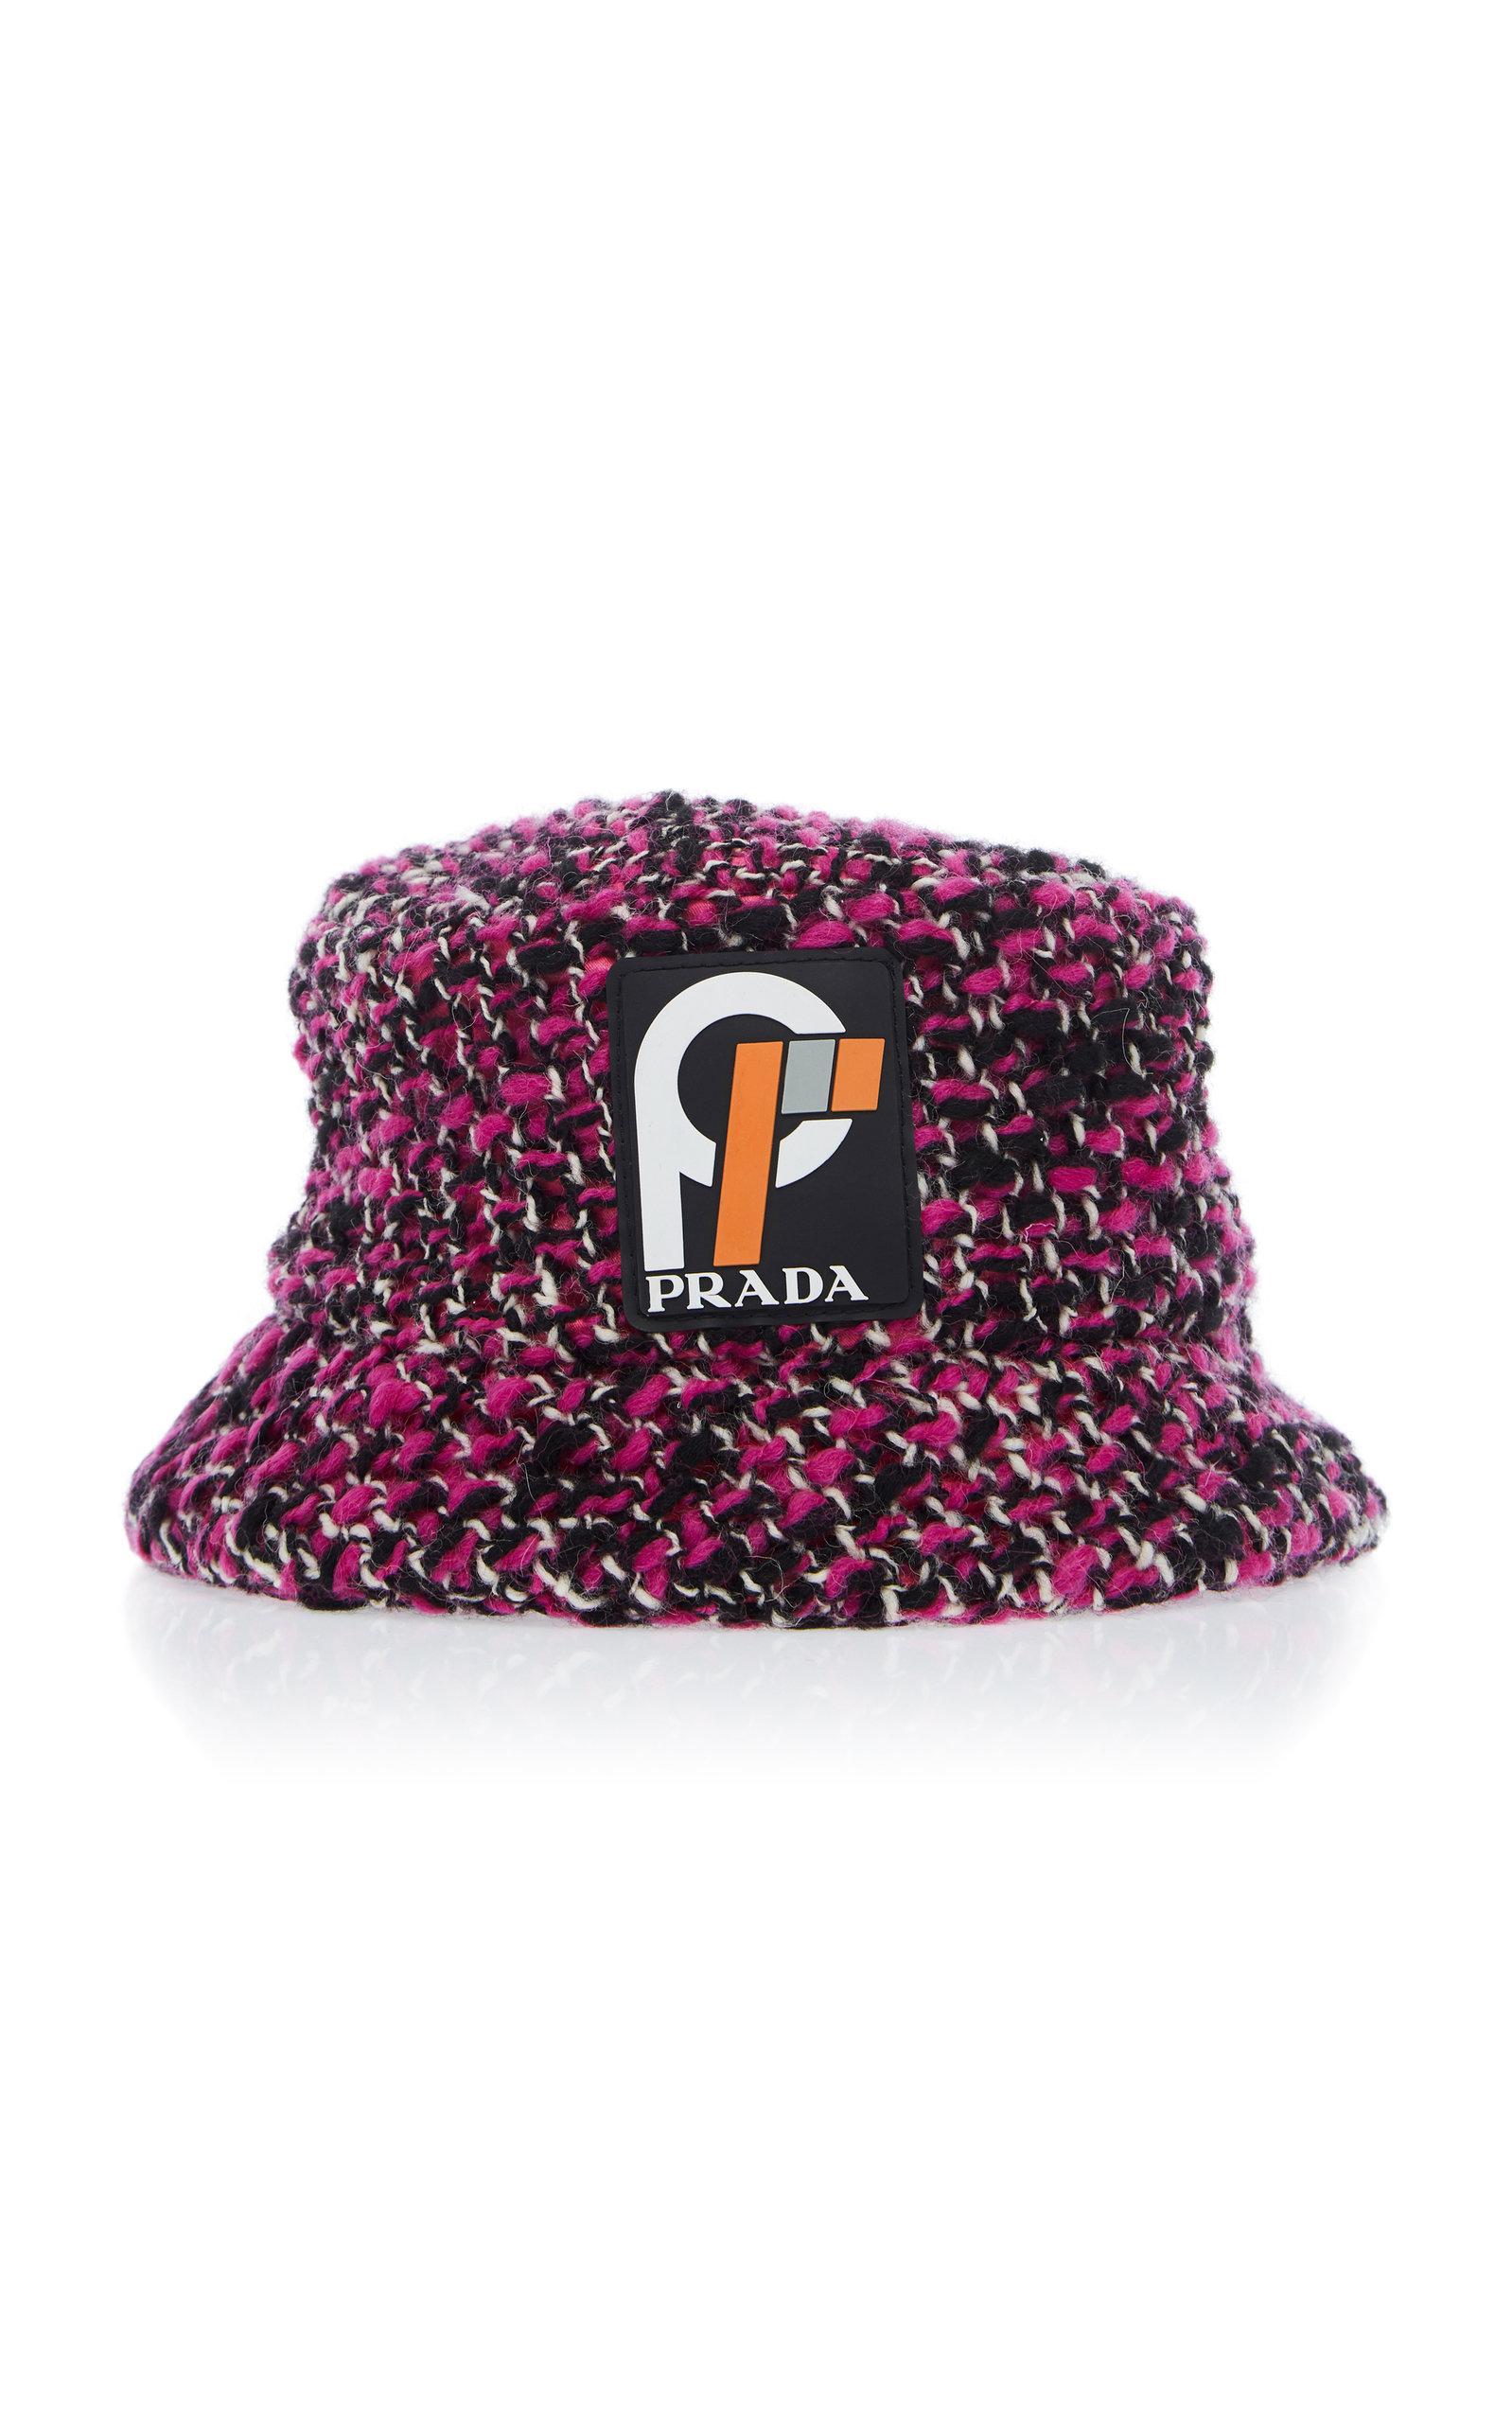 Prada Wool-Blend Bucket Hat In Pink  33452df5190